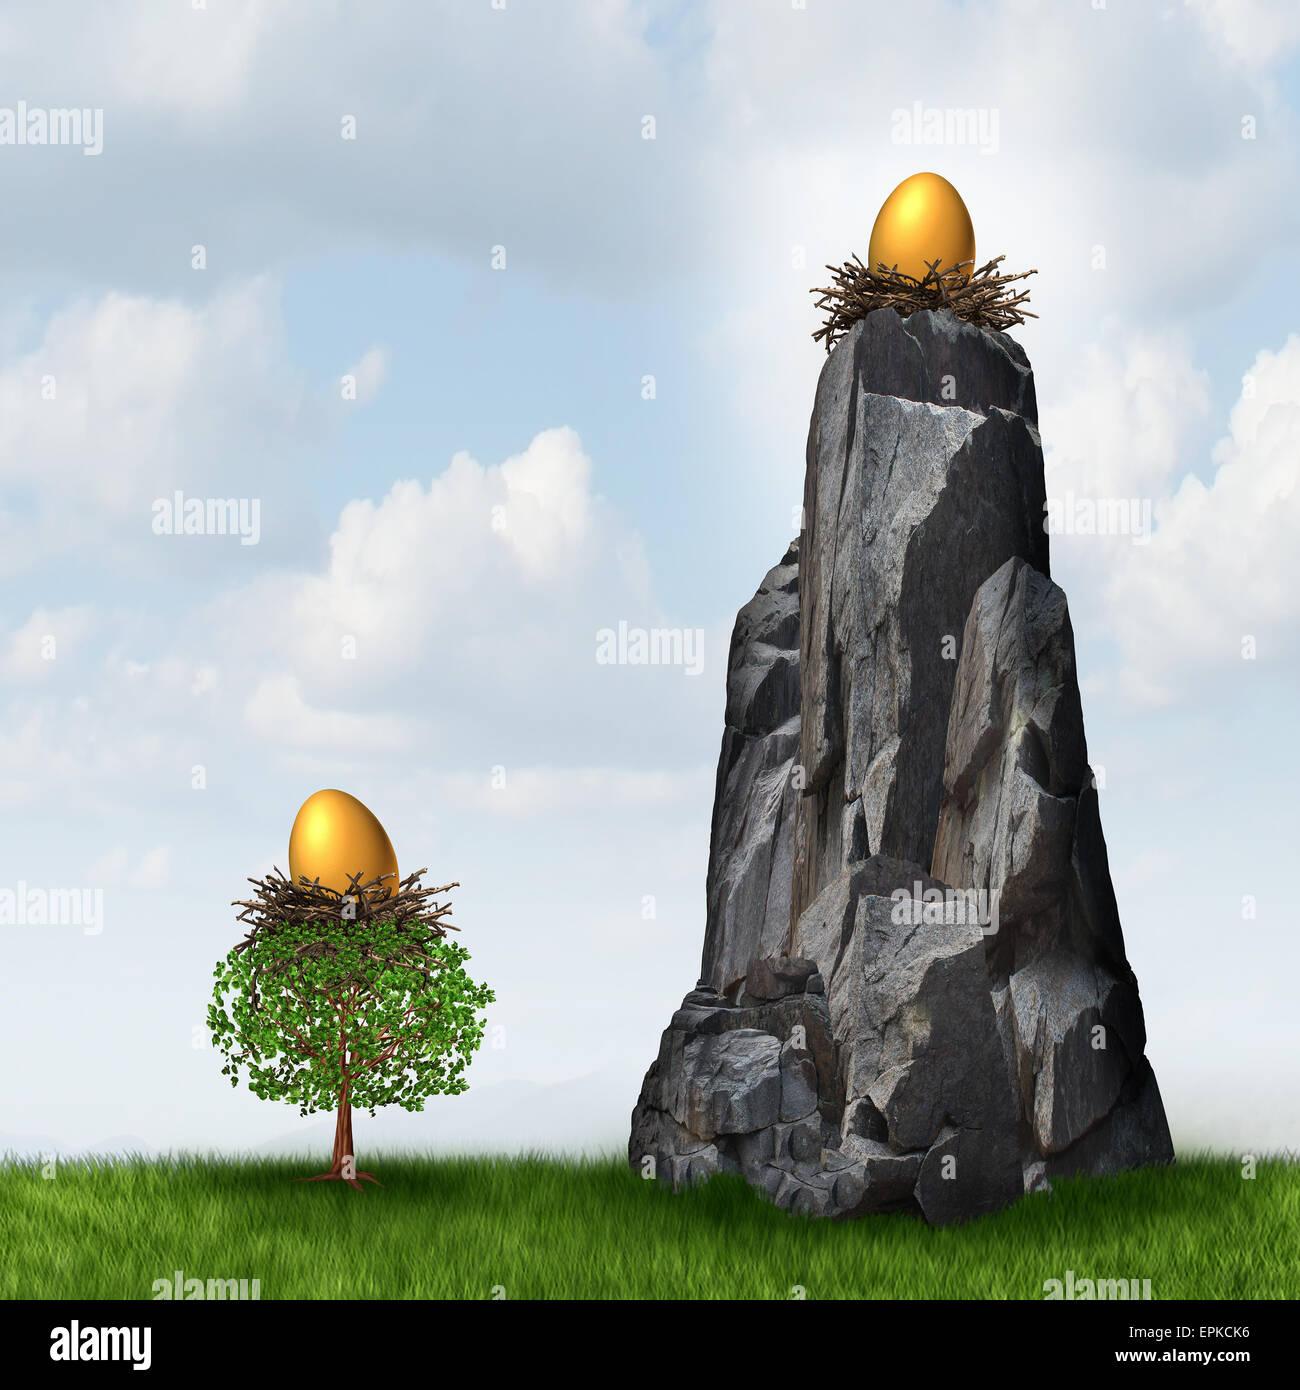 Investimento sicuro la scelta come un golden nest uovo in un albero basso e un altro il pensionamento o risparmi Immagini Stock